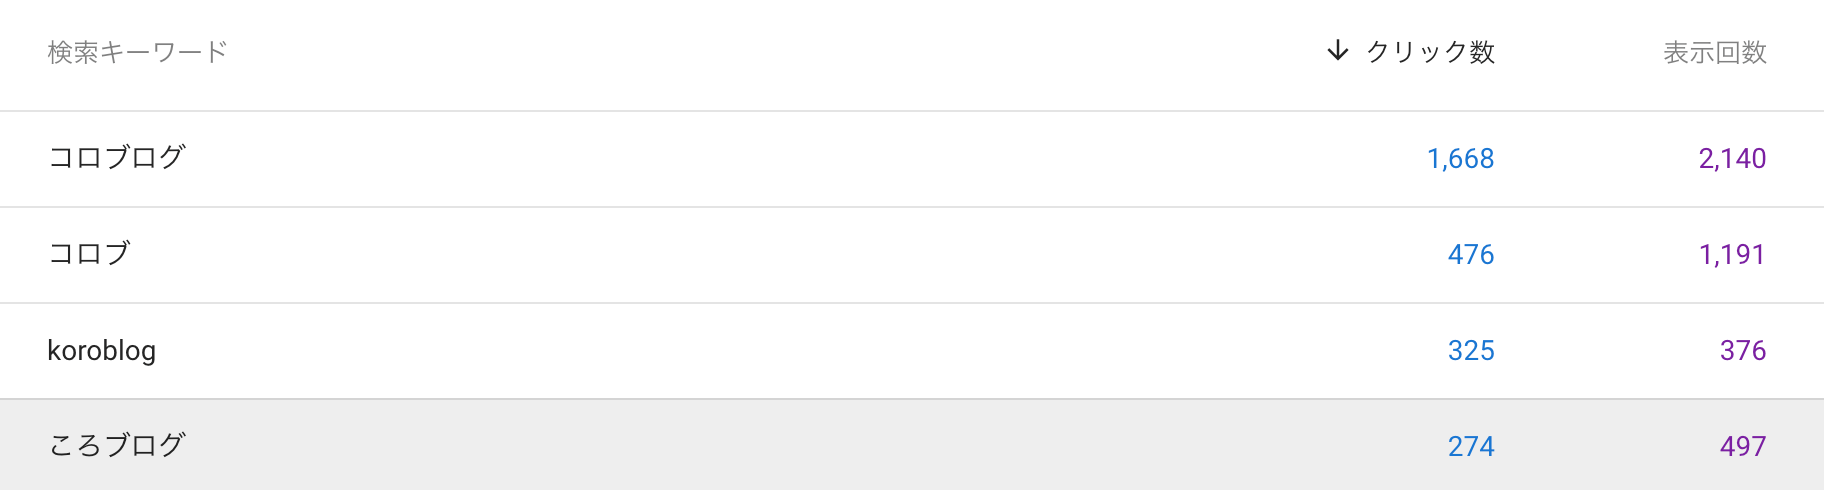 指名検索での流入